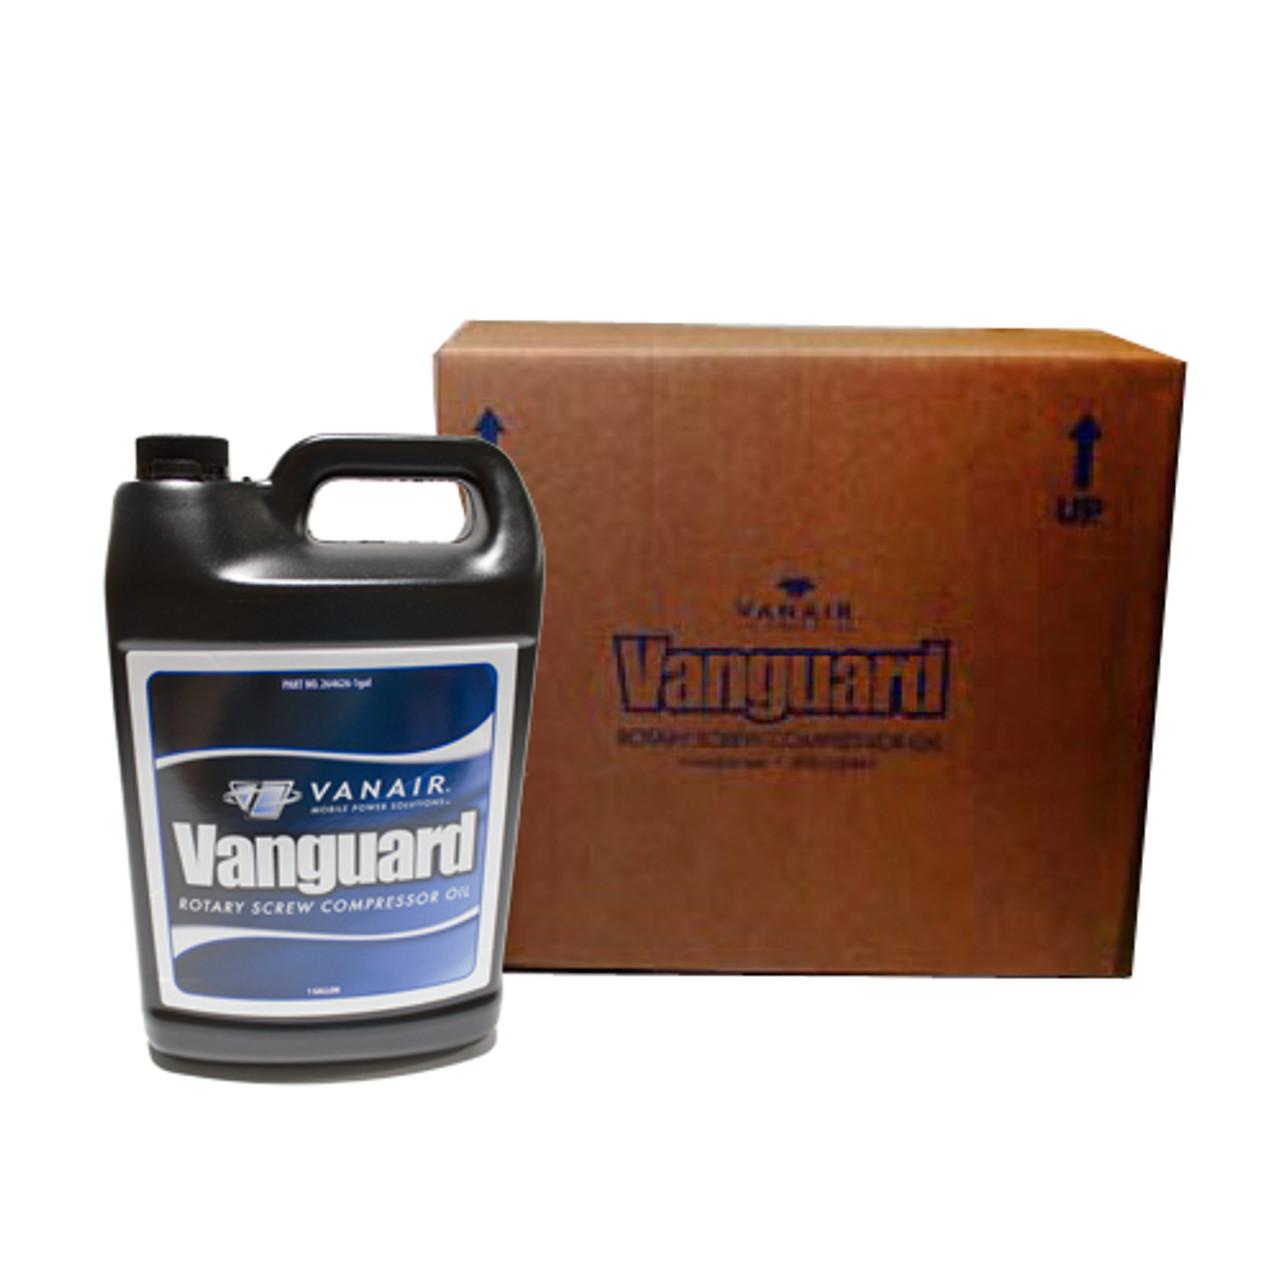 Vanair 264626-5GAL,Vanguard Premium Compressor Oil 5 Gal for All Models